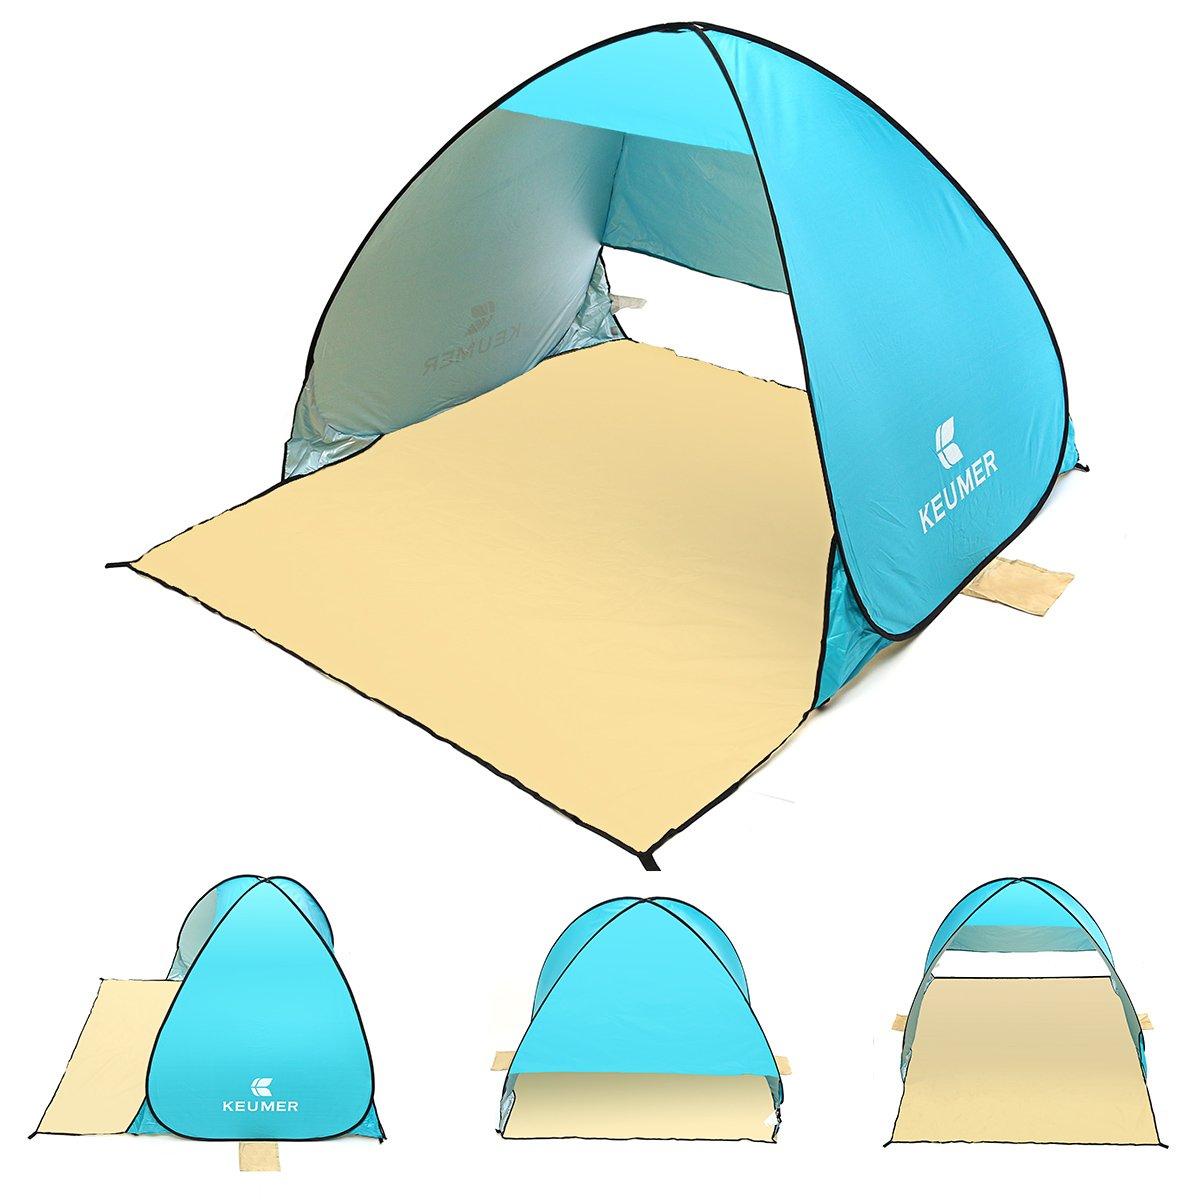 Plat Firm 150x180x110 cm Pop Up Outdoor Camping Angeln Zelt Anti-Uv Wasserdicht Lüftung Shelter Zelt